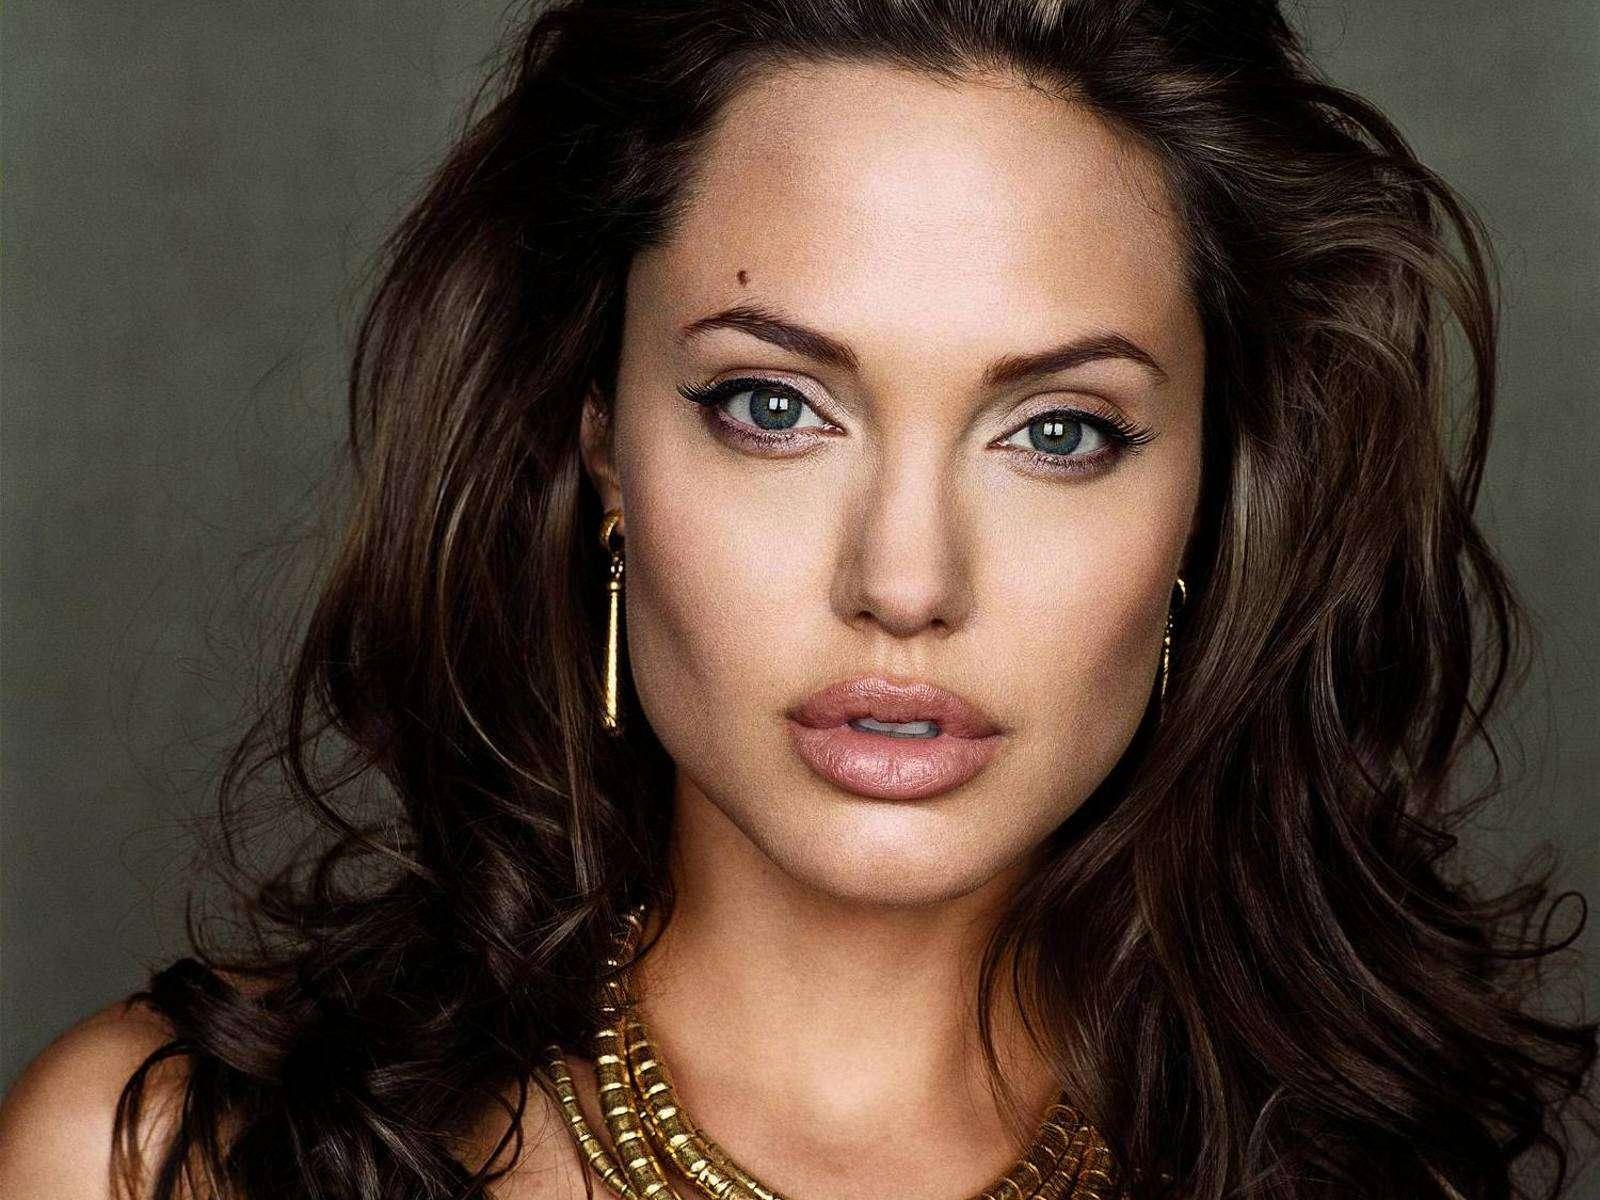 Анджелина Джоли — история заоблачного успеха